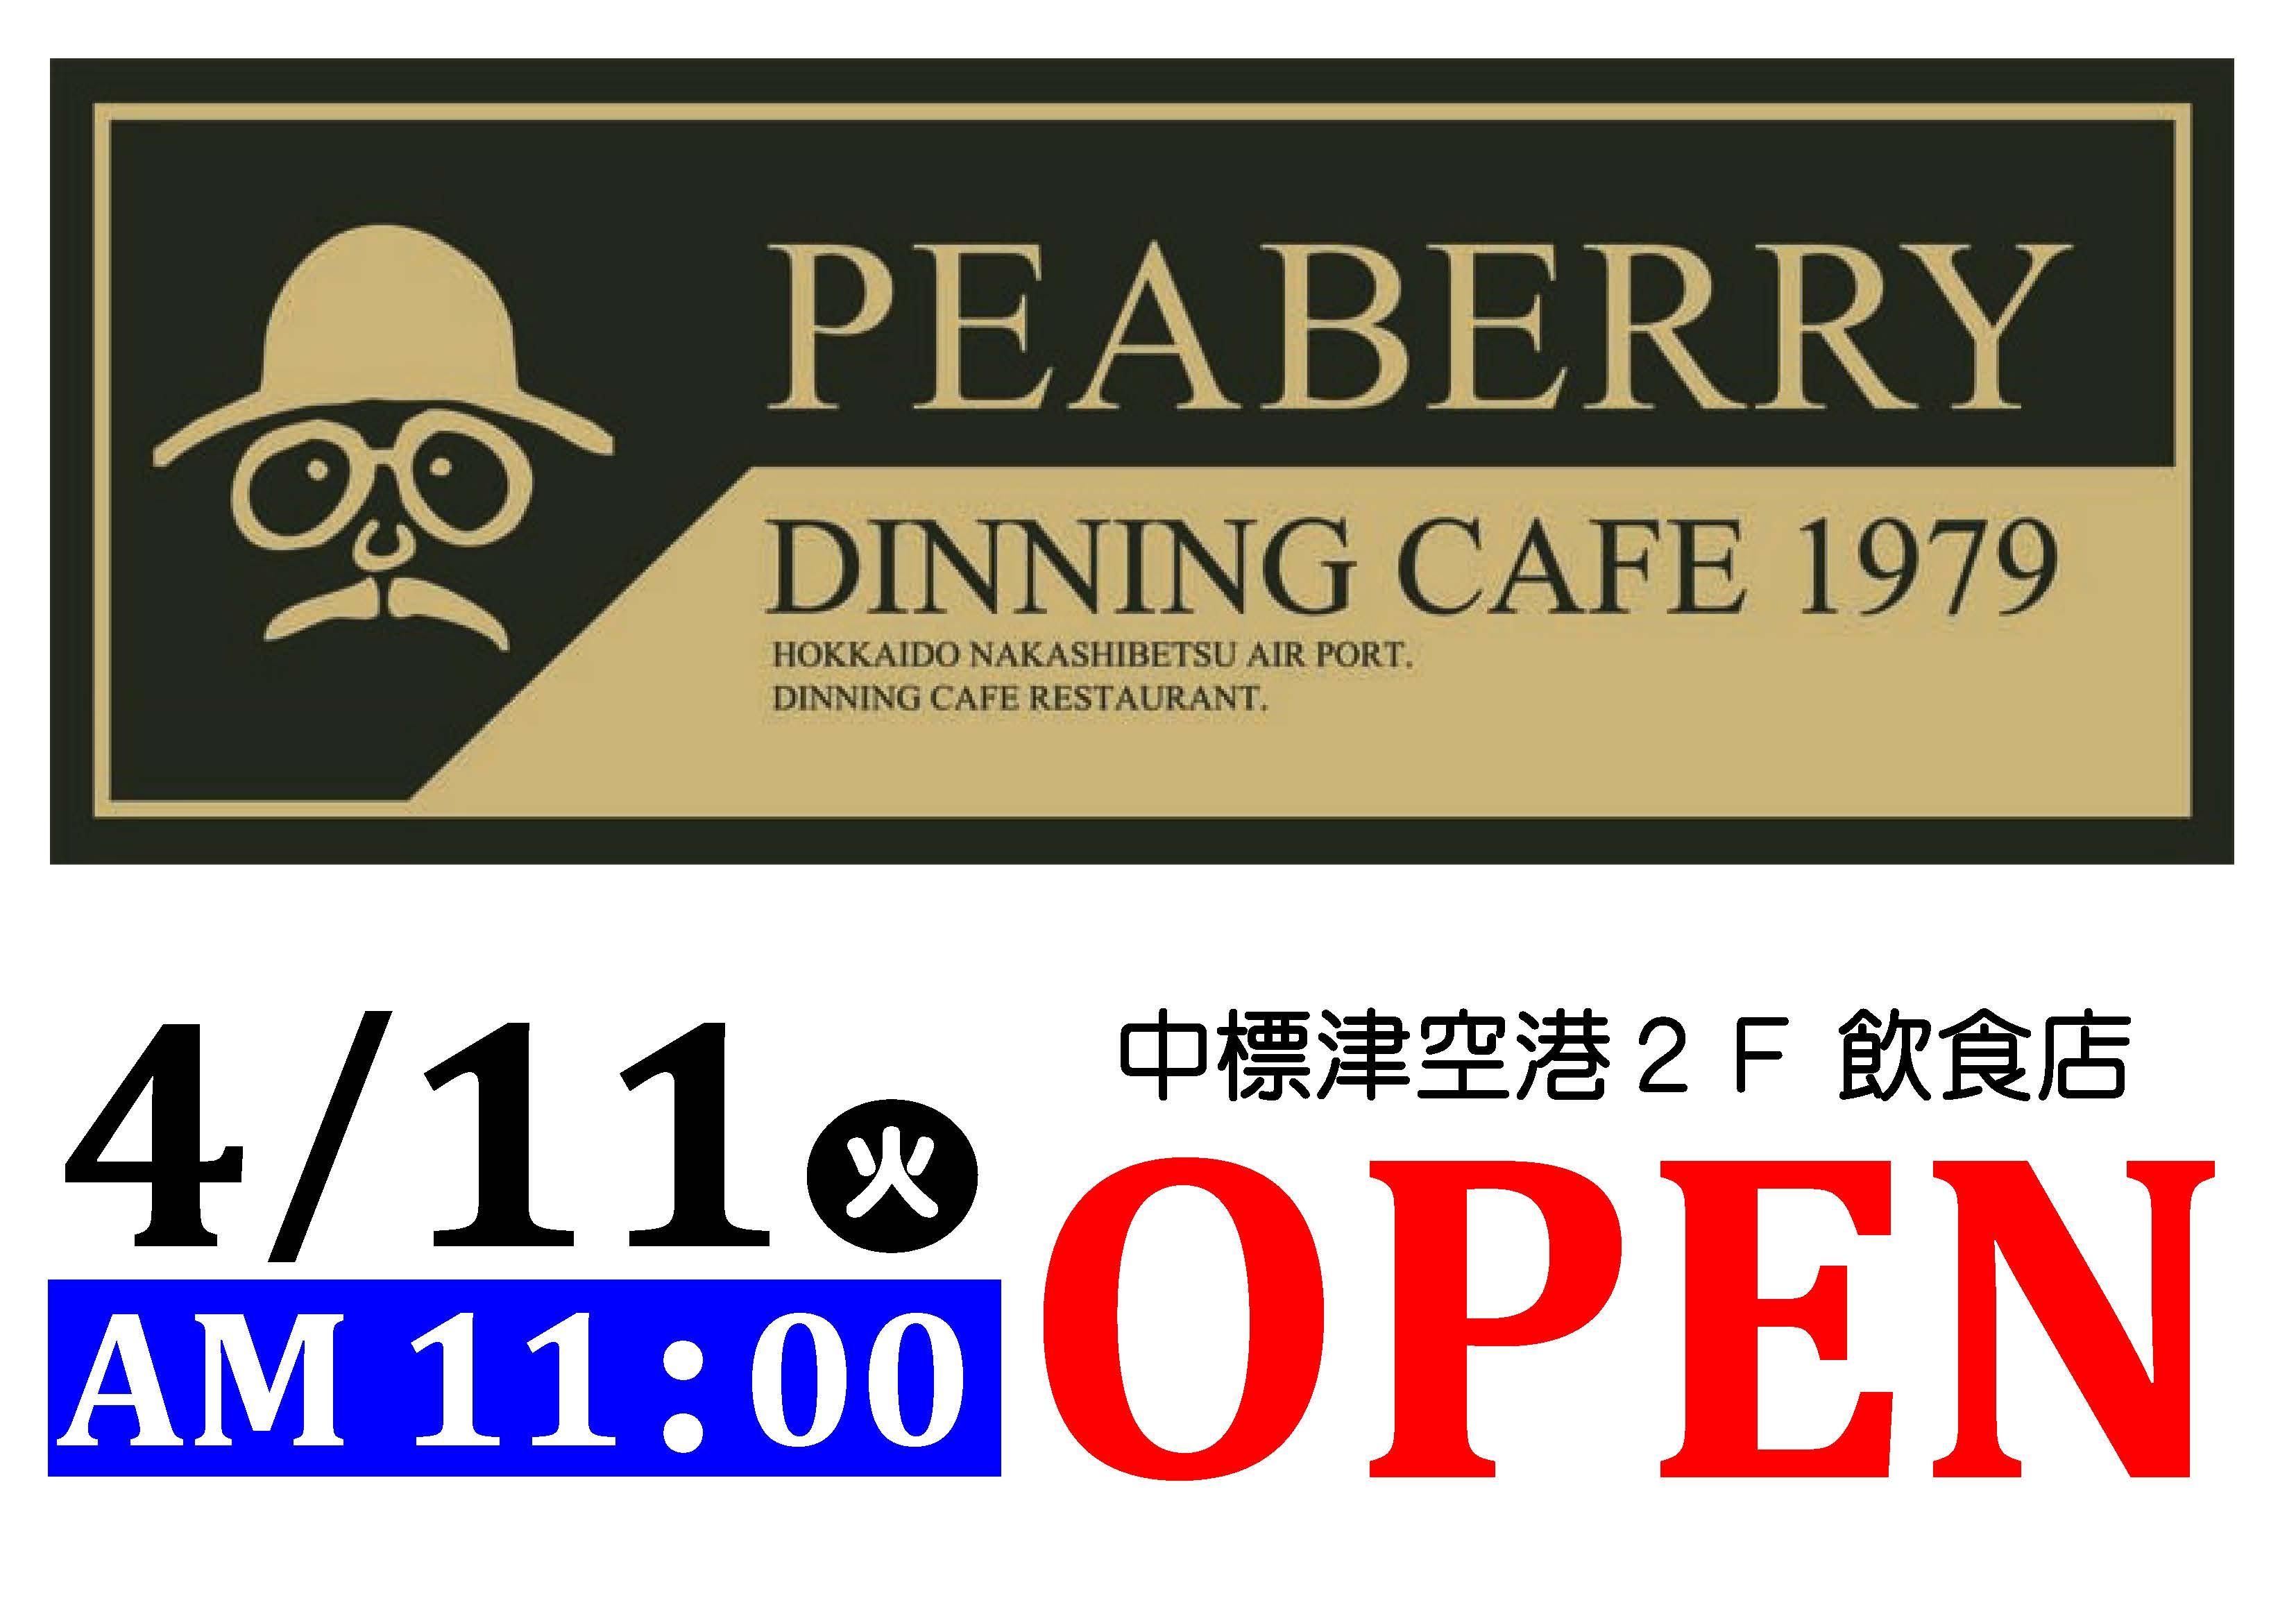 http://www.nakashibetsu-airport.jp/OPEN.jpg